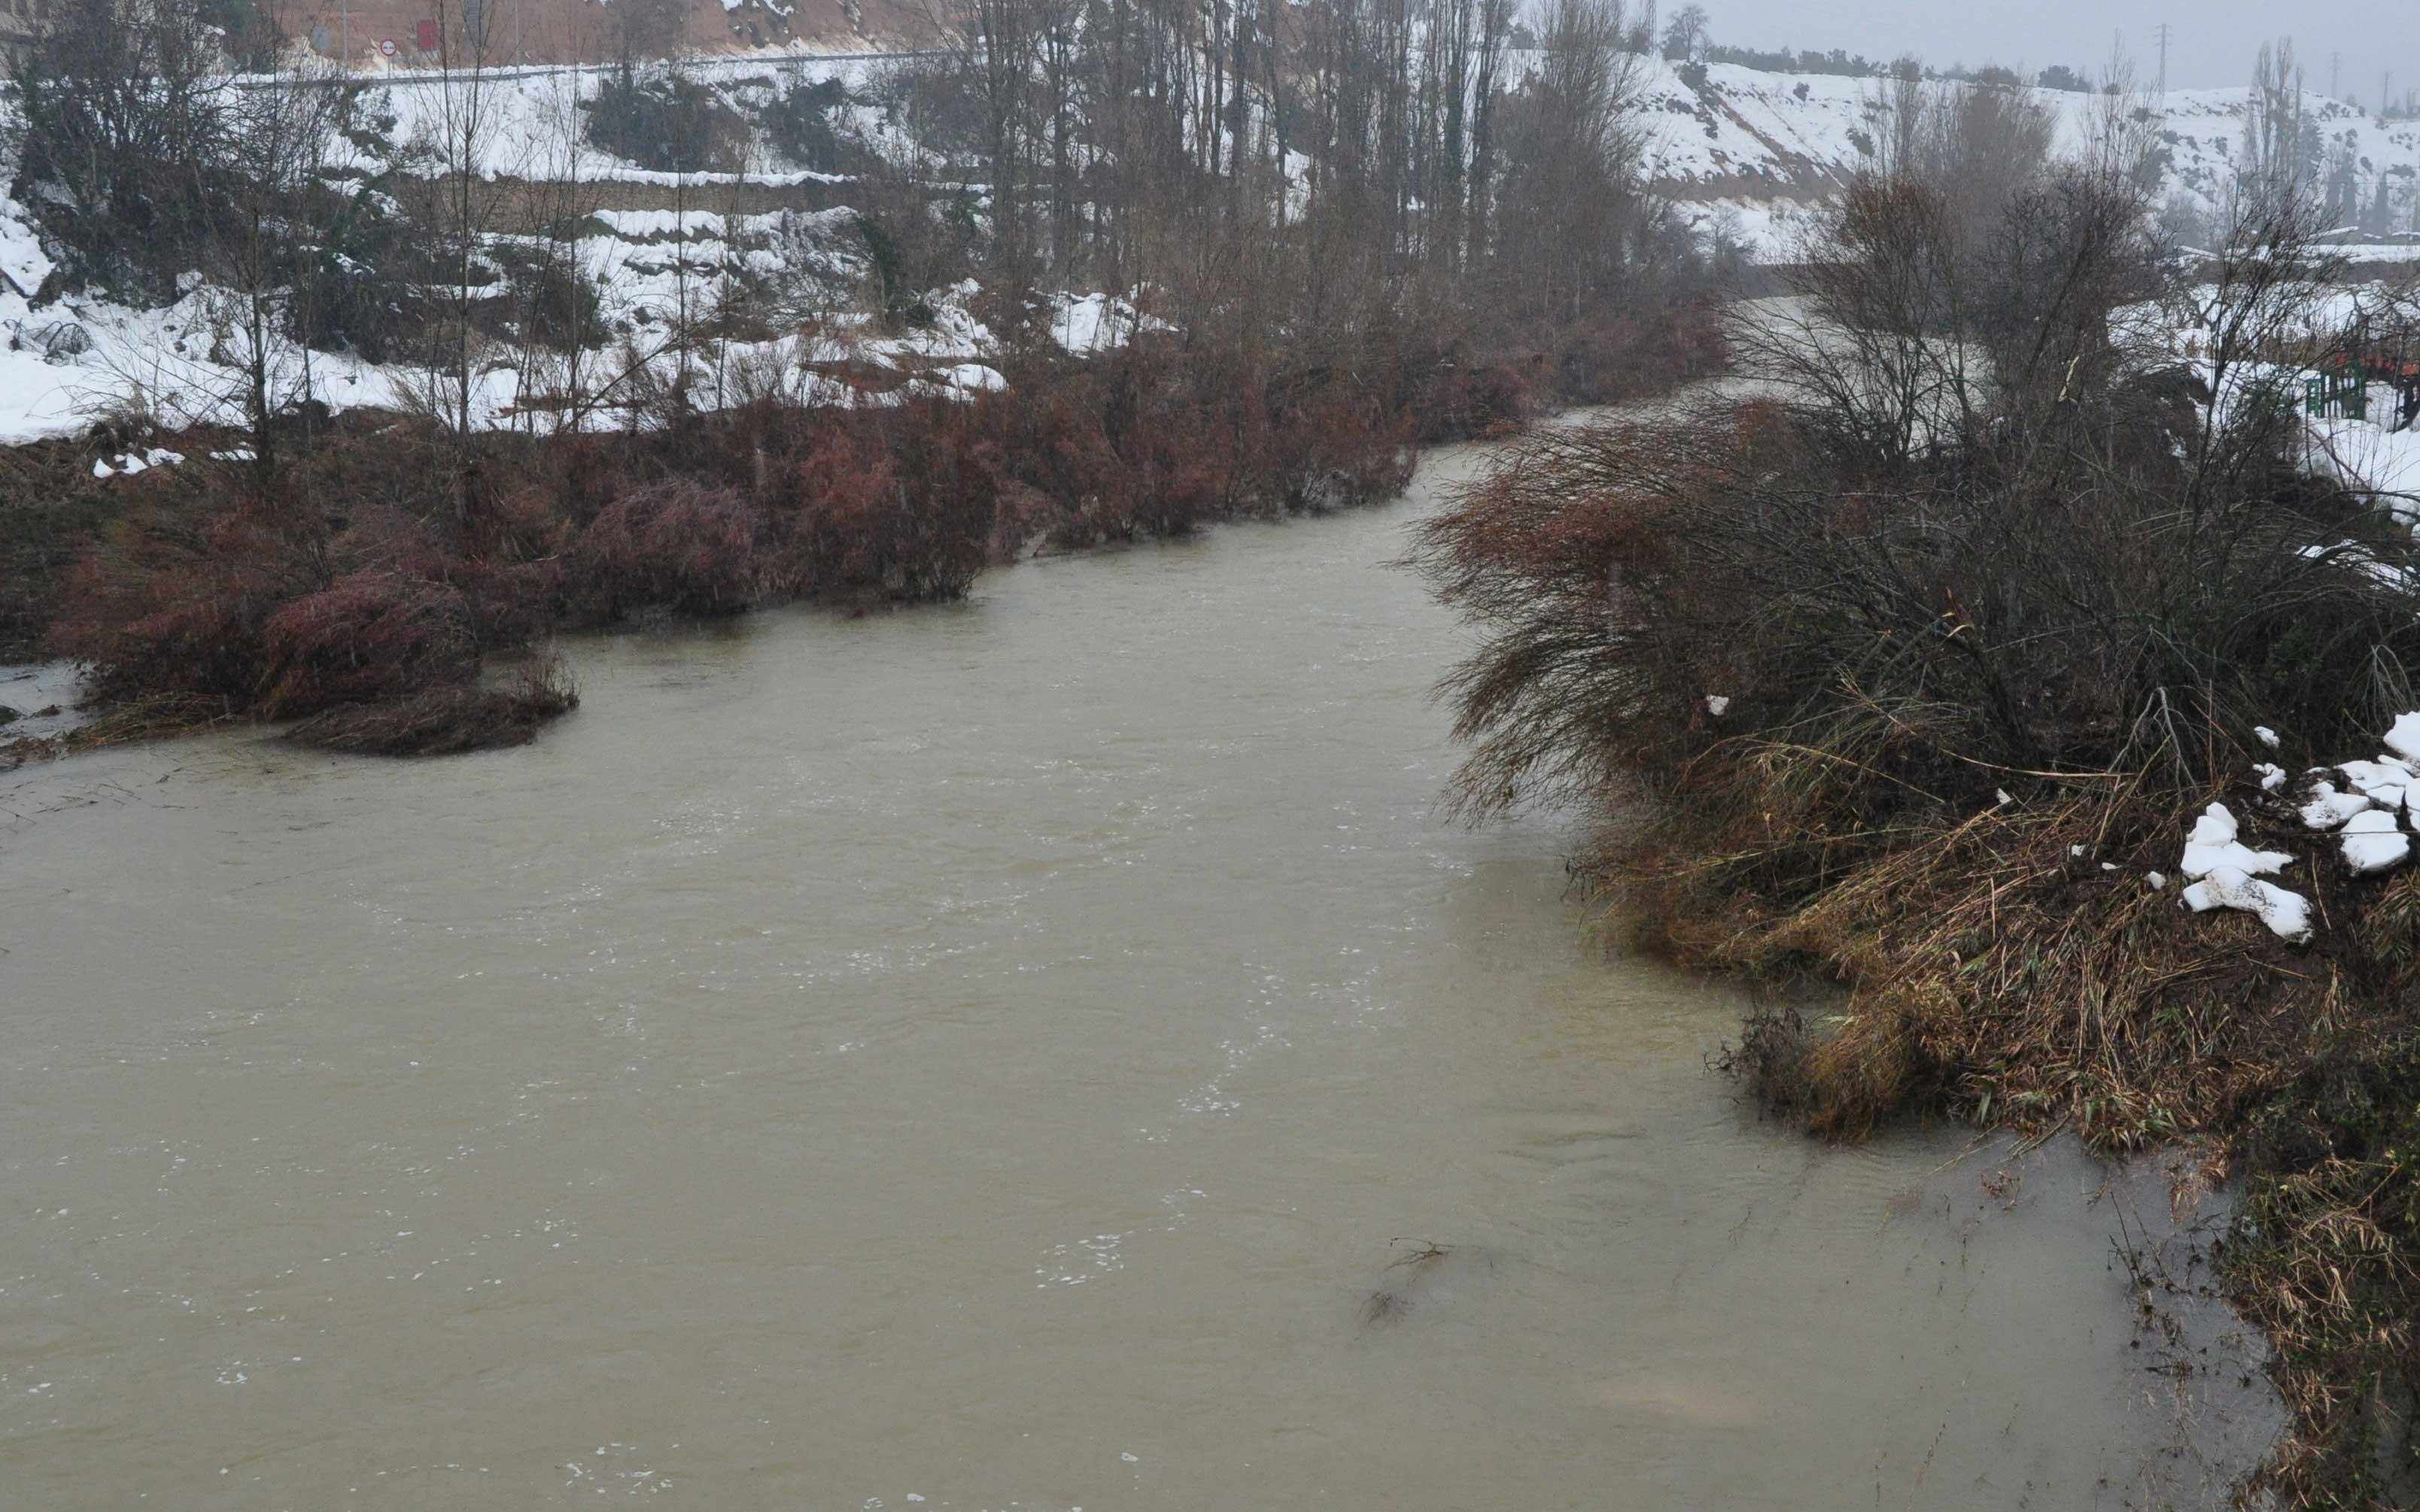 En Valderrobres preocupó la maleza existente en el cauce del río. En la imagen se aprecia cómo las cañas y matorral indican el nivel que alcanzó la riada durante la noche anterior.